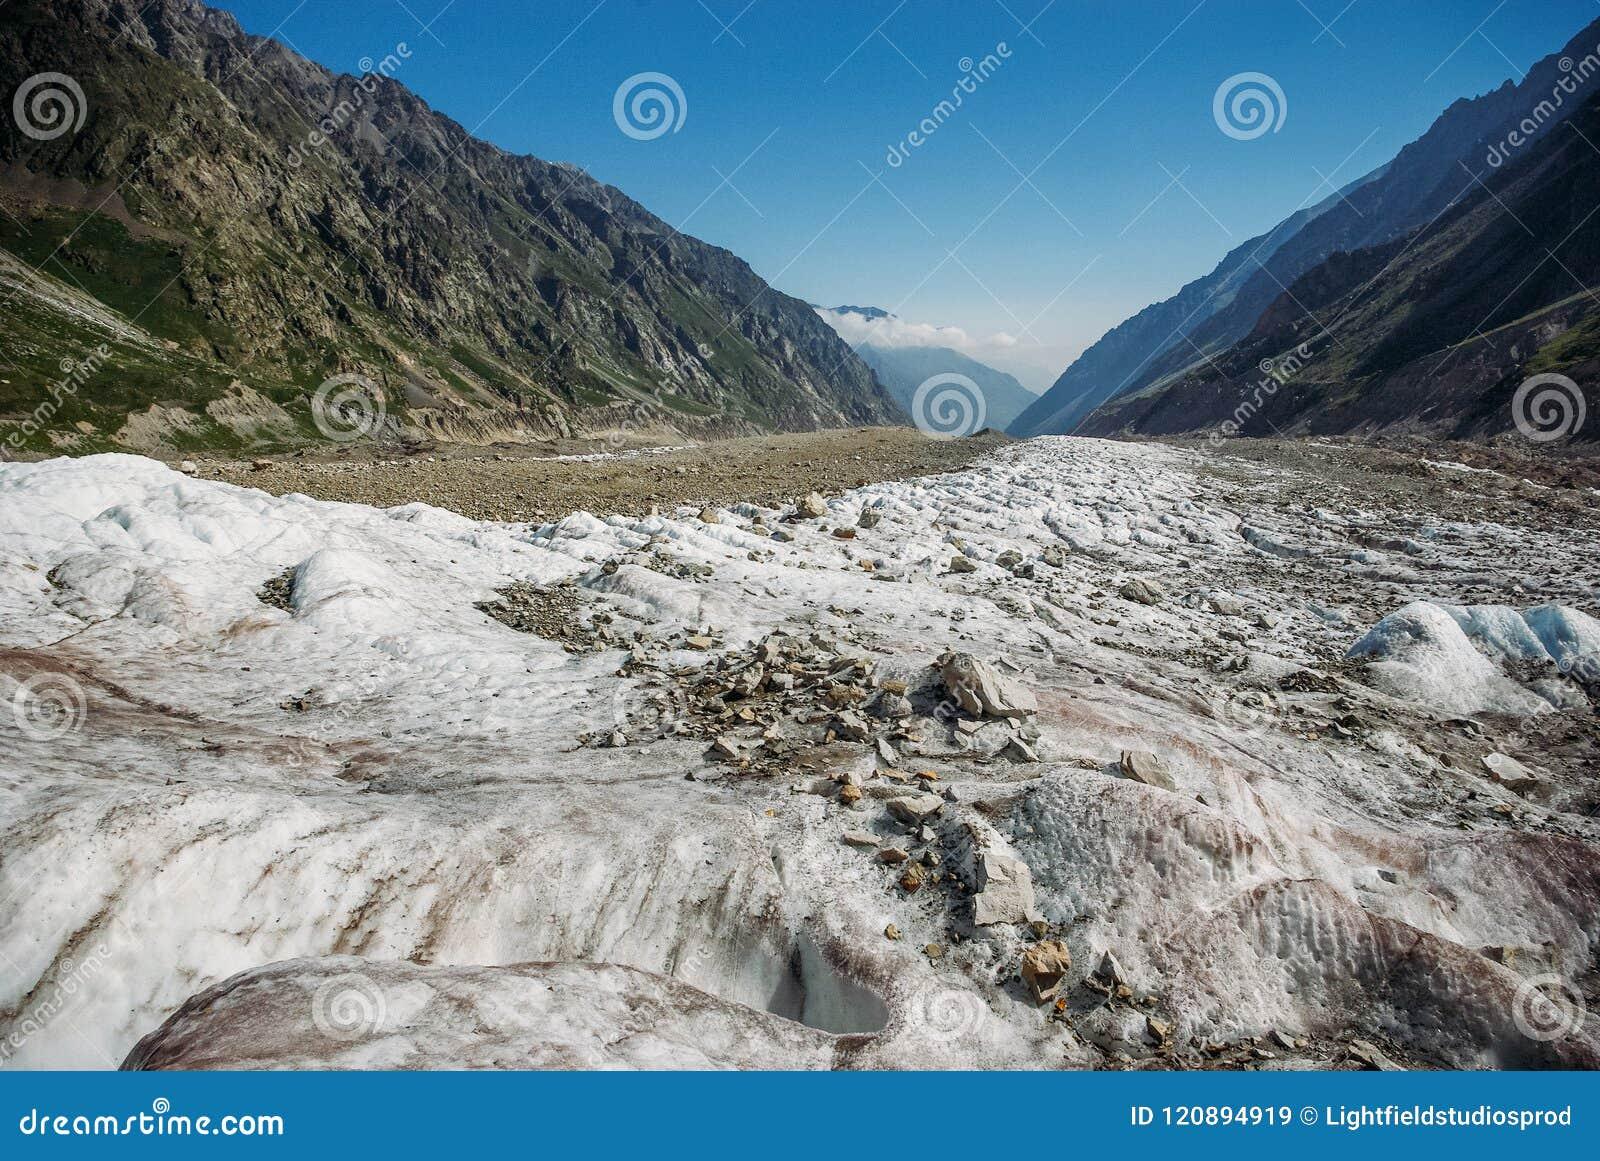 Valle nevosa stupefacente fra le montagne, Federazione Russa, Caucaso,